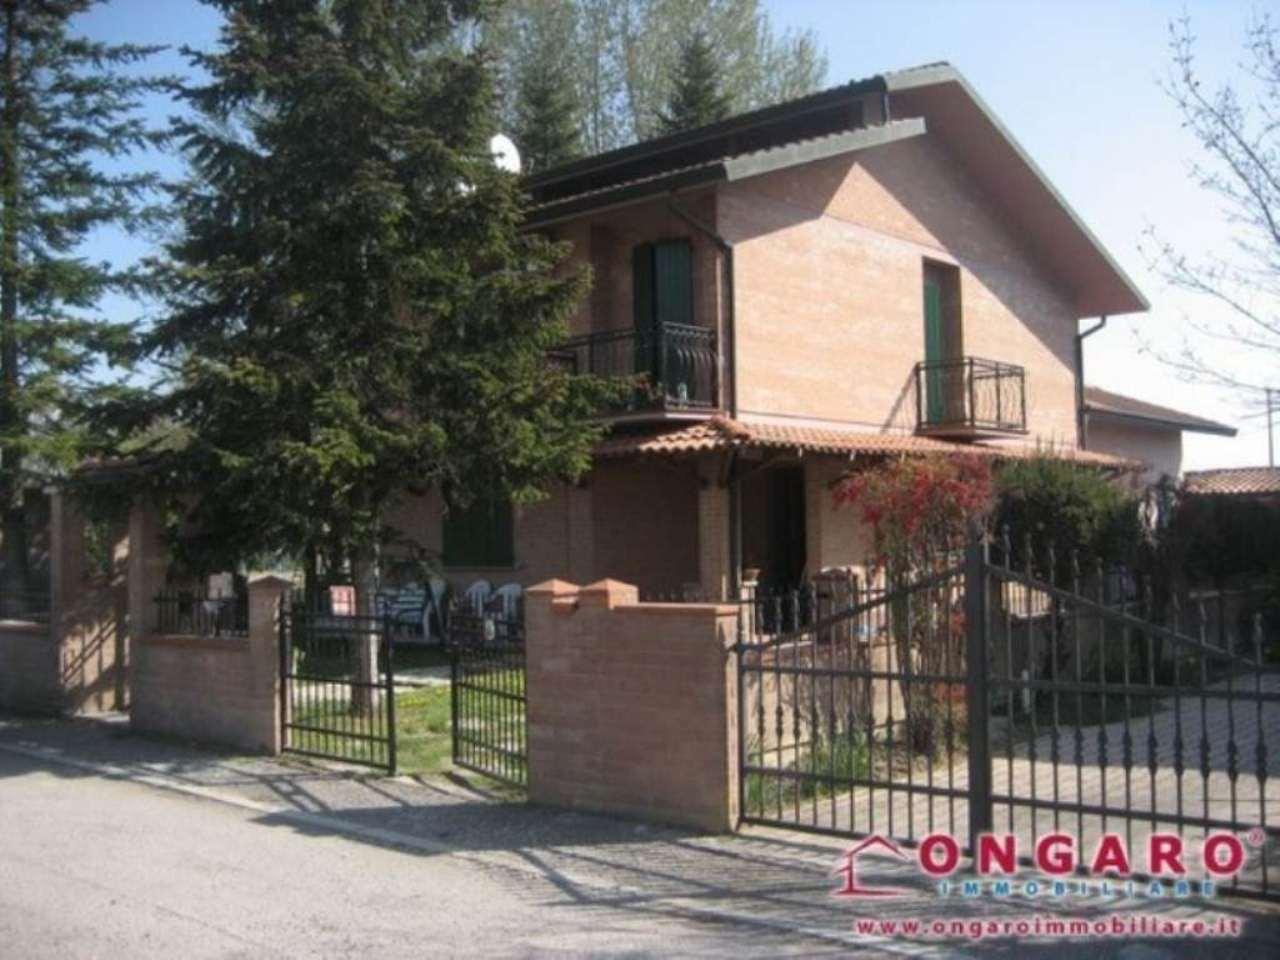 Soluzione Indipendente in vendita a Copparo, 9999 locali, prezzo € 200.000 | Cambio Casa.it